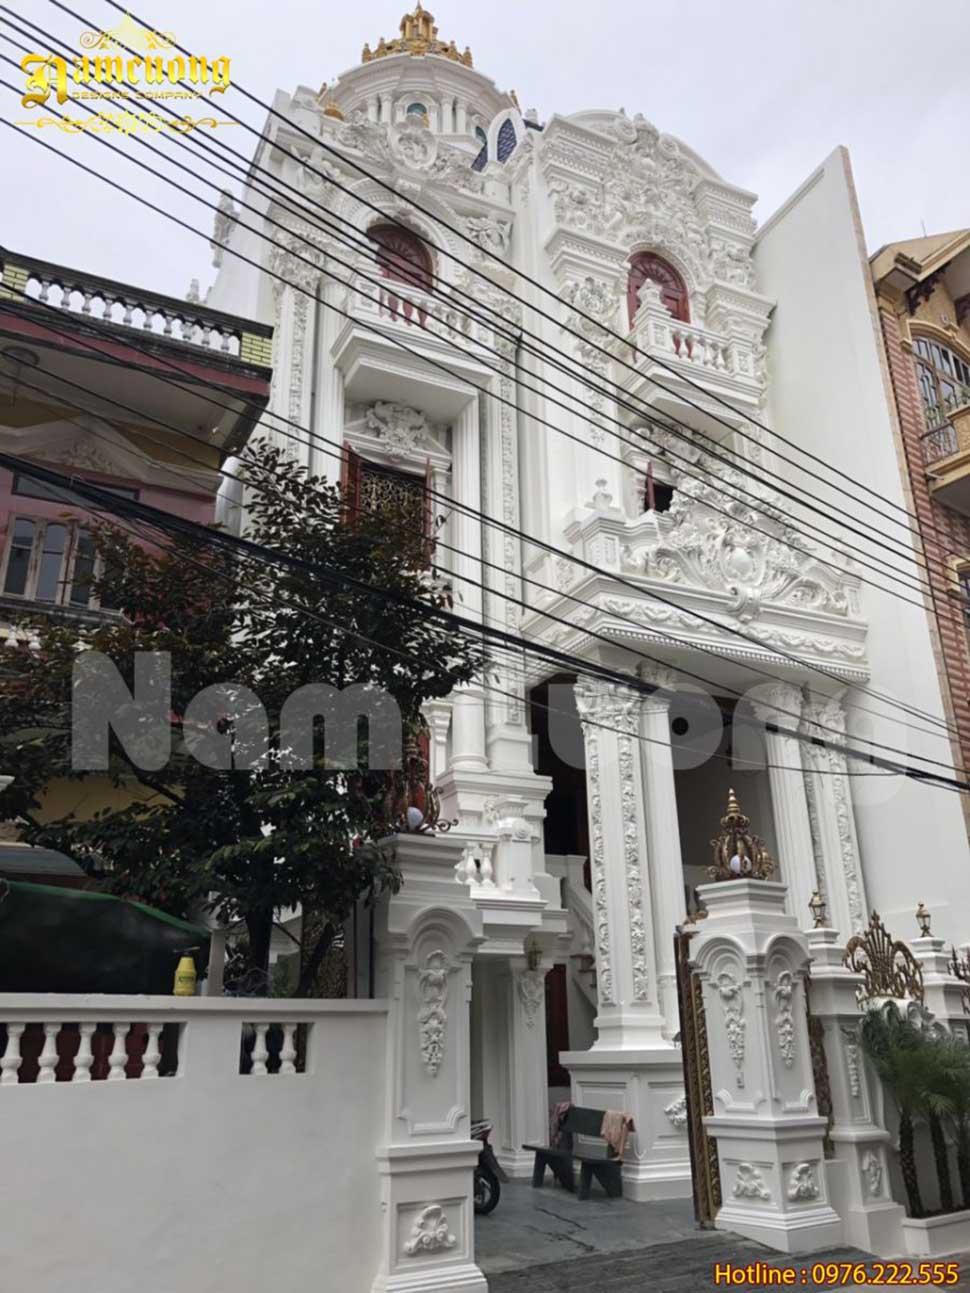 Hình ảnh thực tế thi công hoàn thiện biệt thự lâu đài tại Bắc Ninh